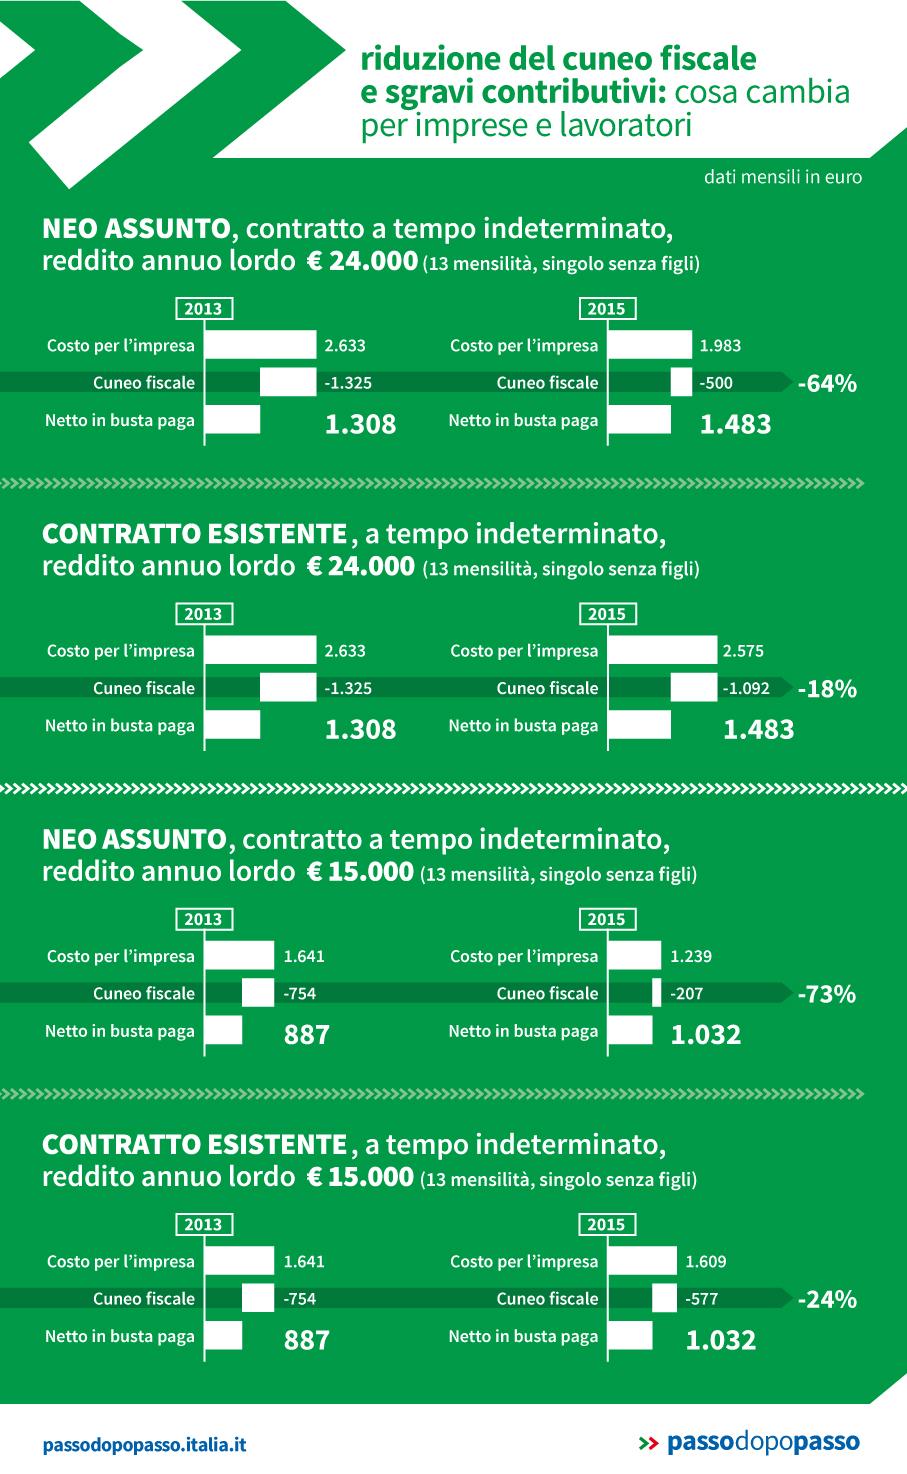 Infografica: Riduzione del cuneo fiscale e sgravi contributivi